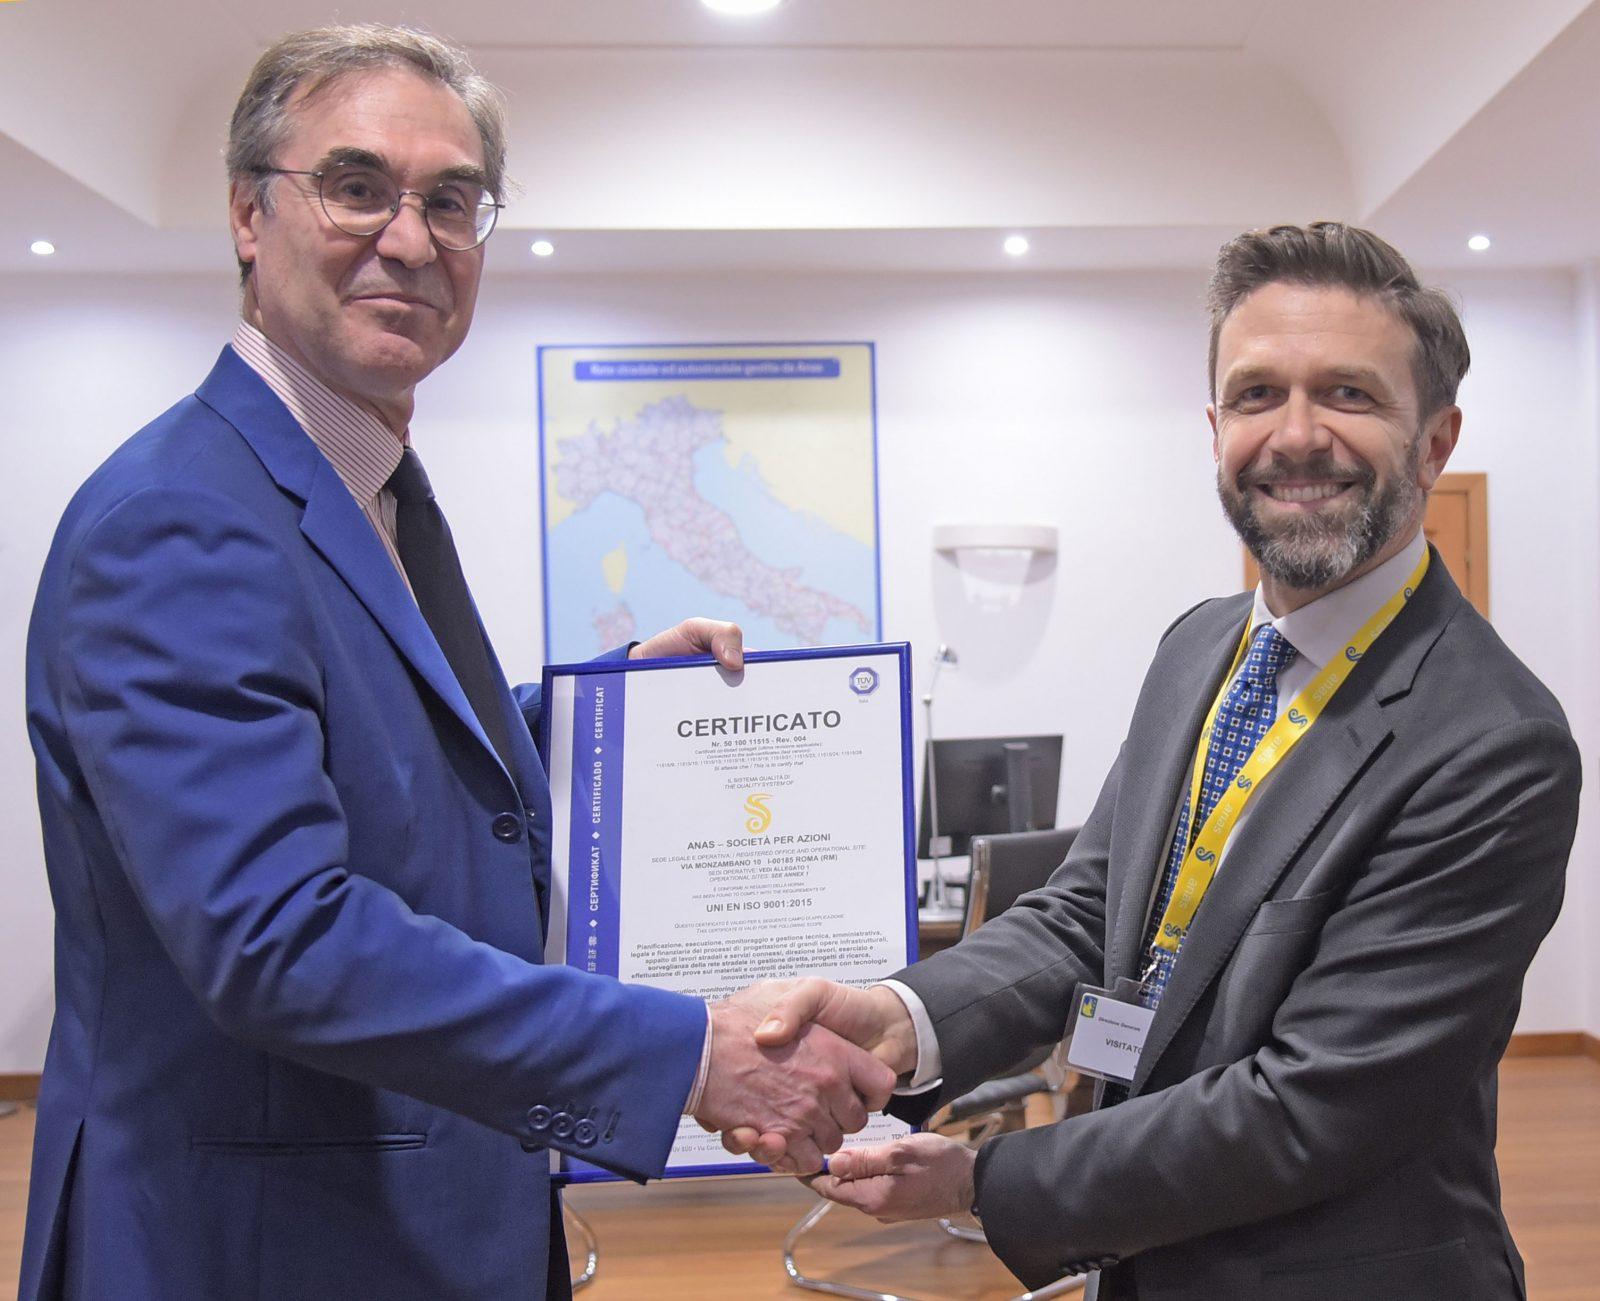 L'ad Massimo Simonini riceve per Anas la certificazione Uni En Iso 9001:2015 rilasciata da TÜV Italia (Archivio Anas, marzo 2019)